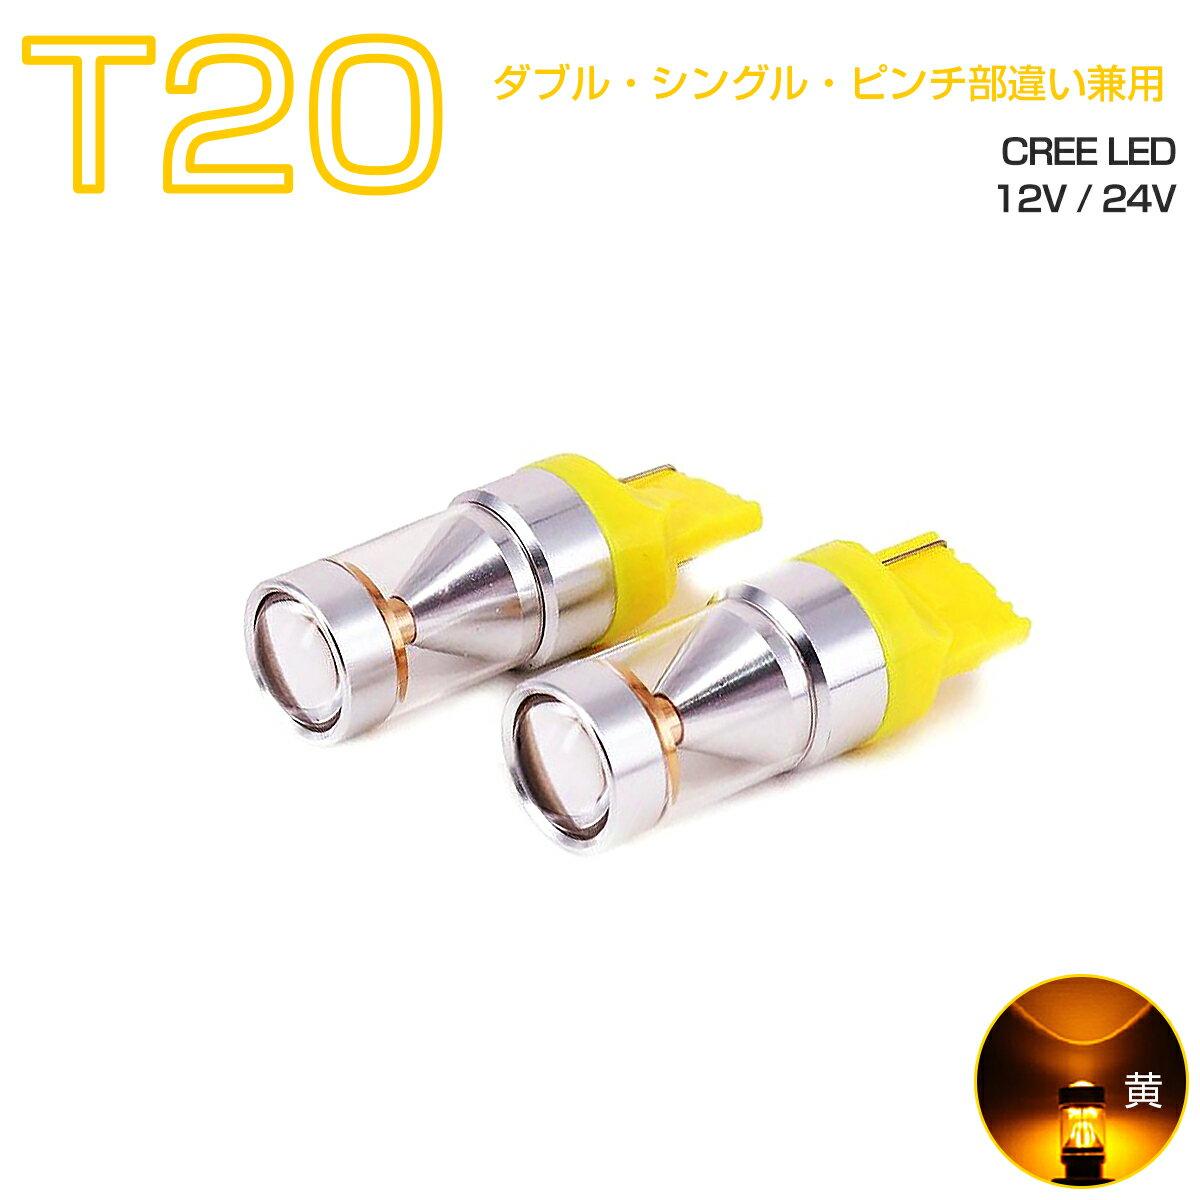 TOYOTA エスティマ(minor2回目) H28.6〜# ACR5# ウインカーフロント[T20]黄色 LED T20 アンバー 30W CREE 2個入り 12V 24V SDM便送料無料 6ヶ月保証 K&M